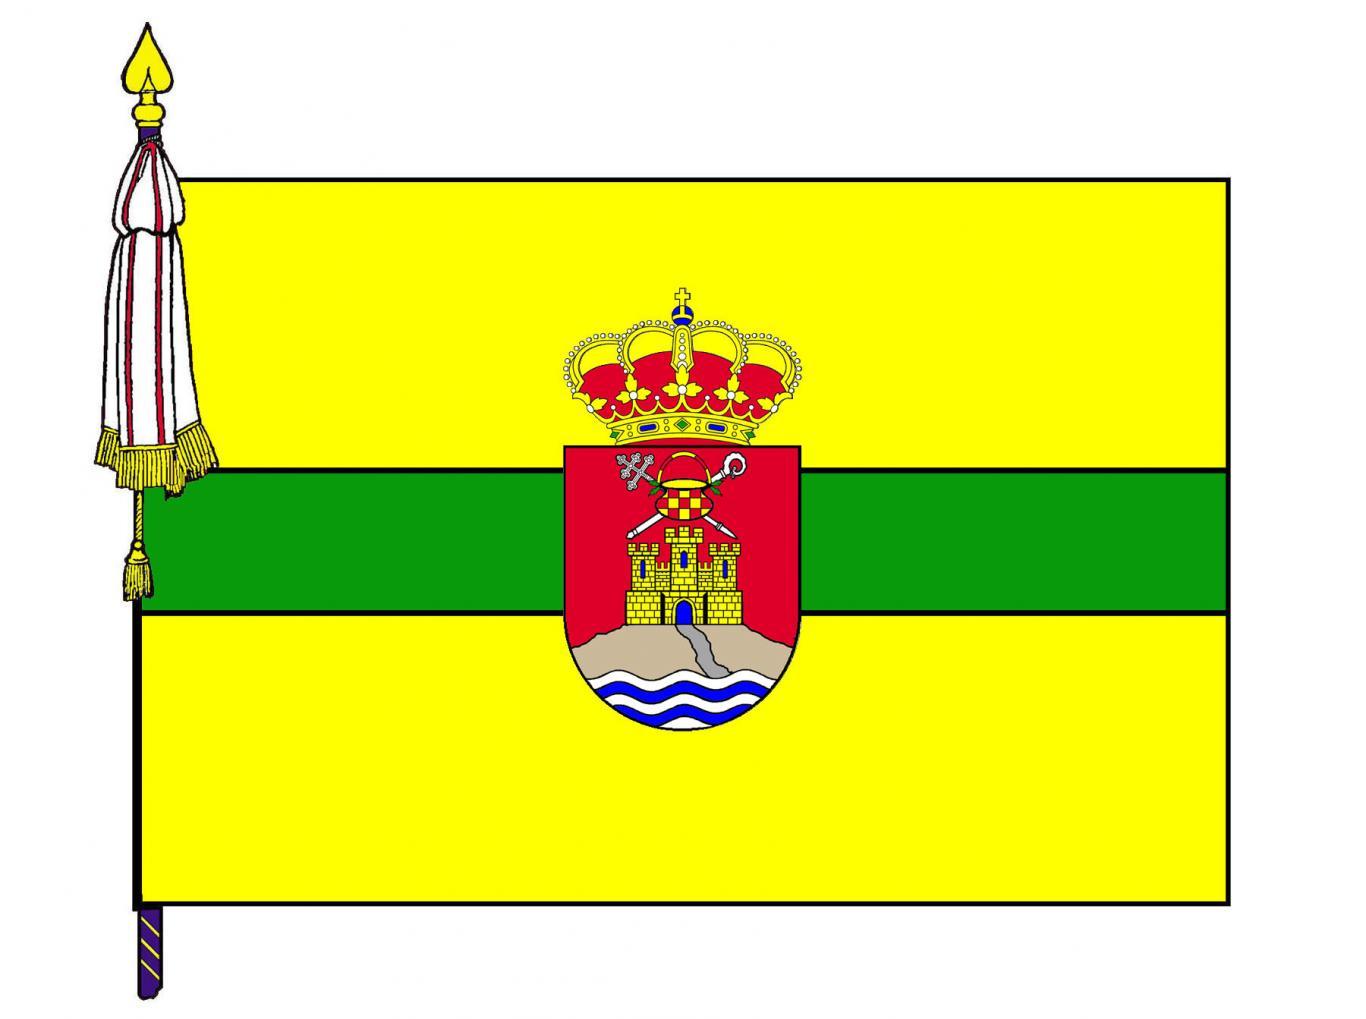 bandera_perales_de_tajuna